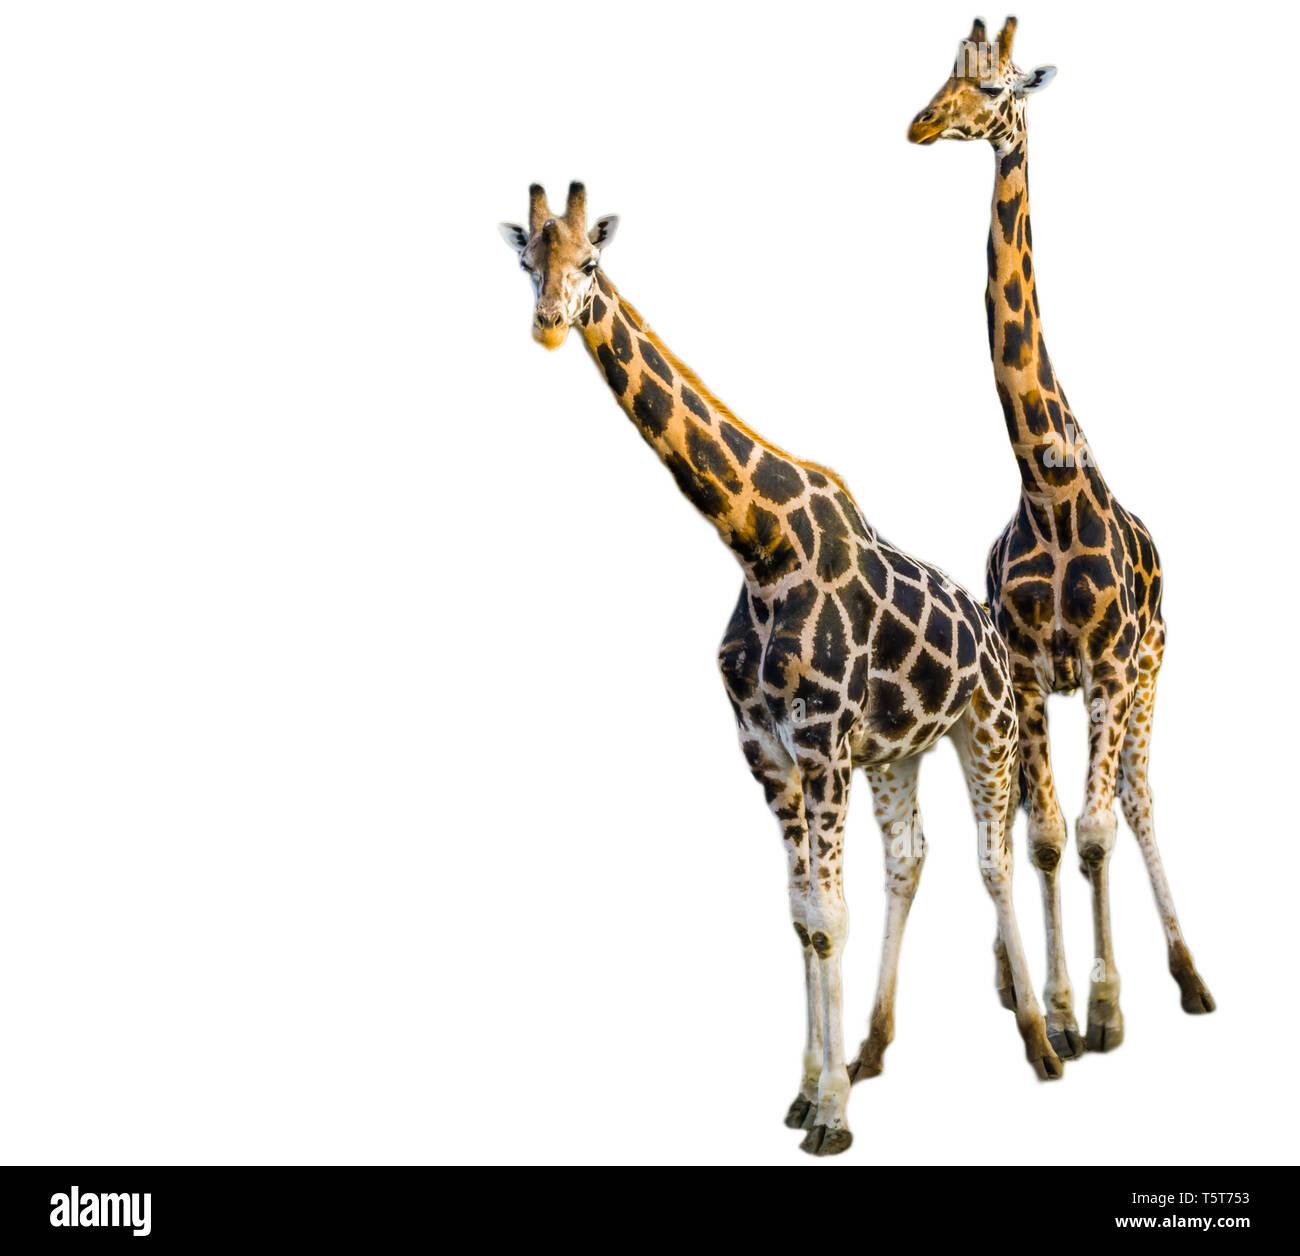 Girafe mâle et femelle ensemble isolé sur un fond blanc, le zoo, les animaux en voie de disparition Espèce animale d'afrique Banque D'Images